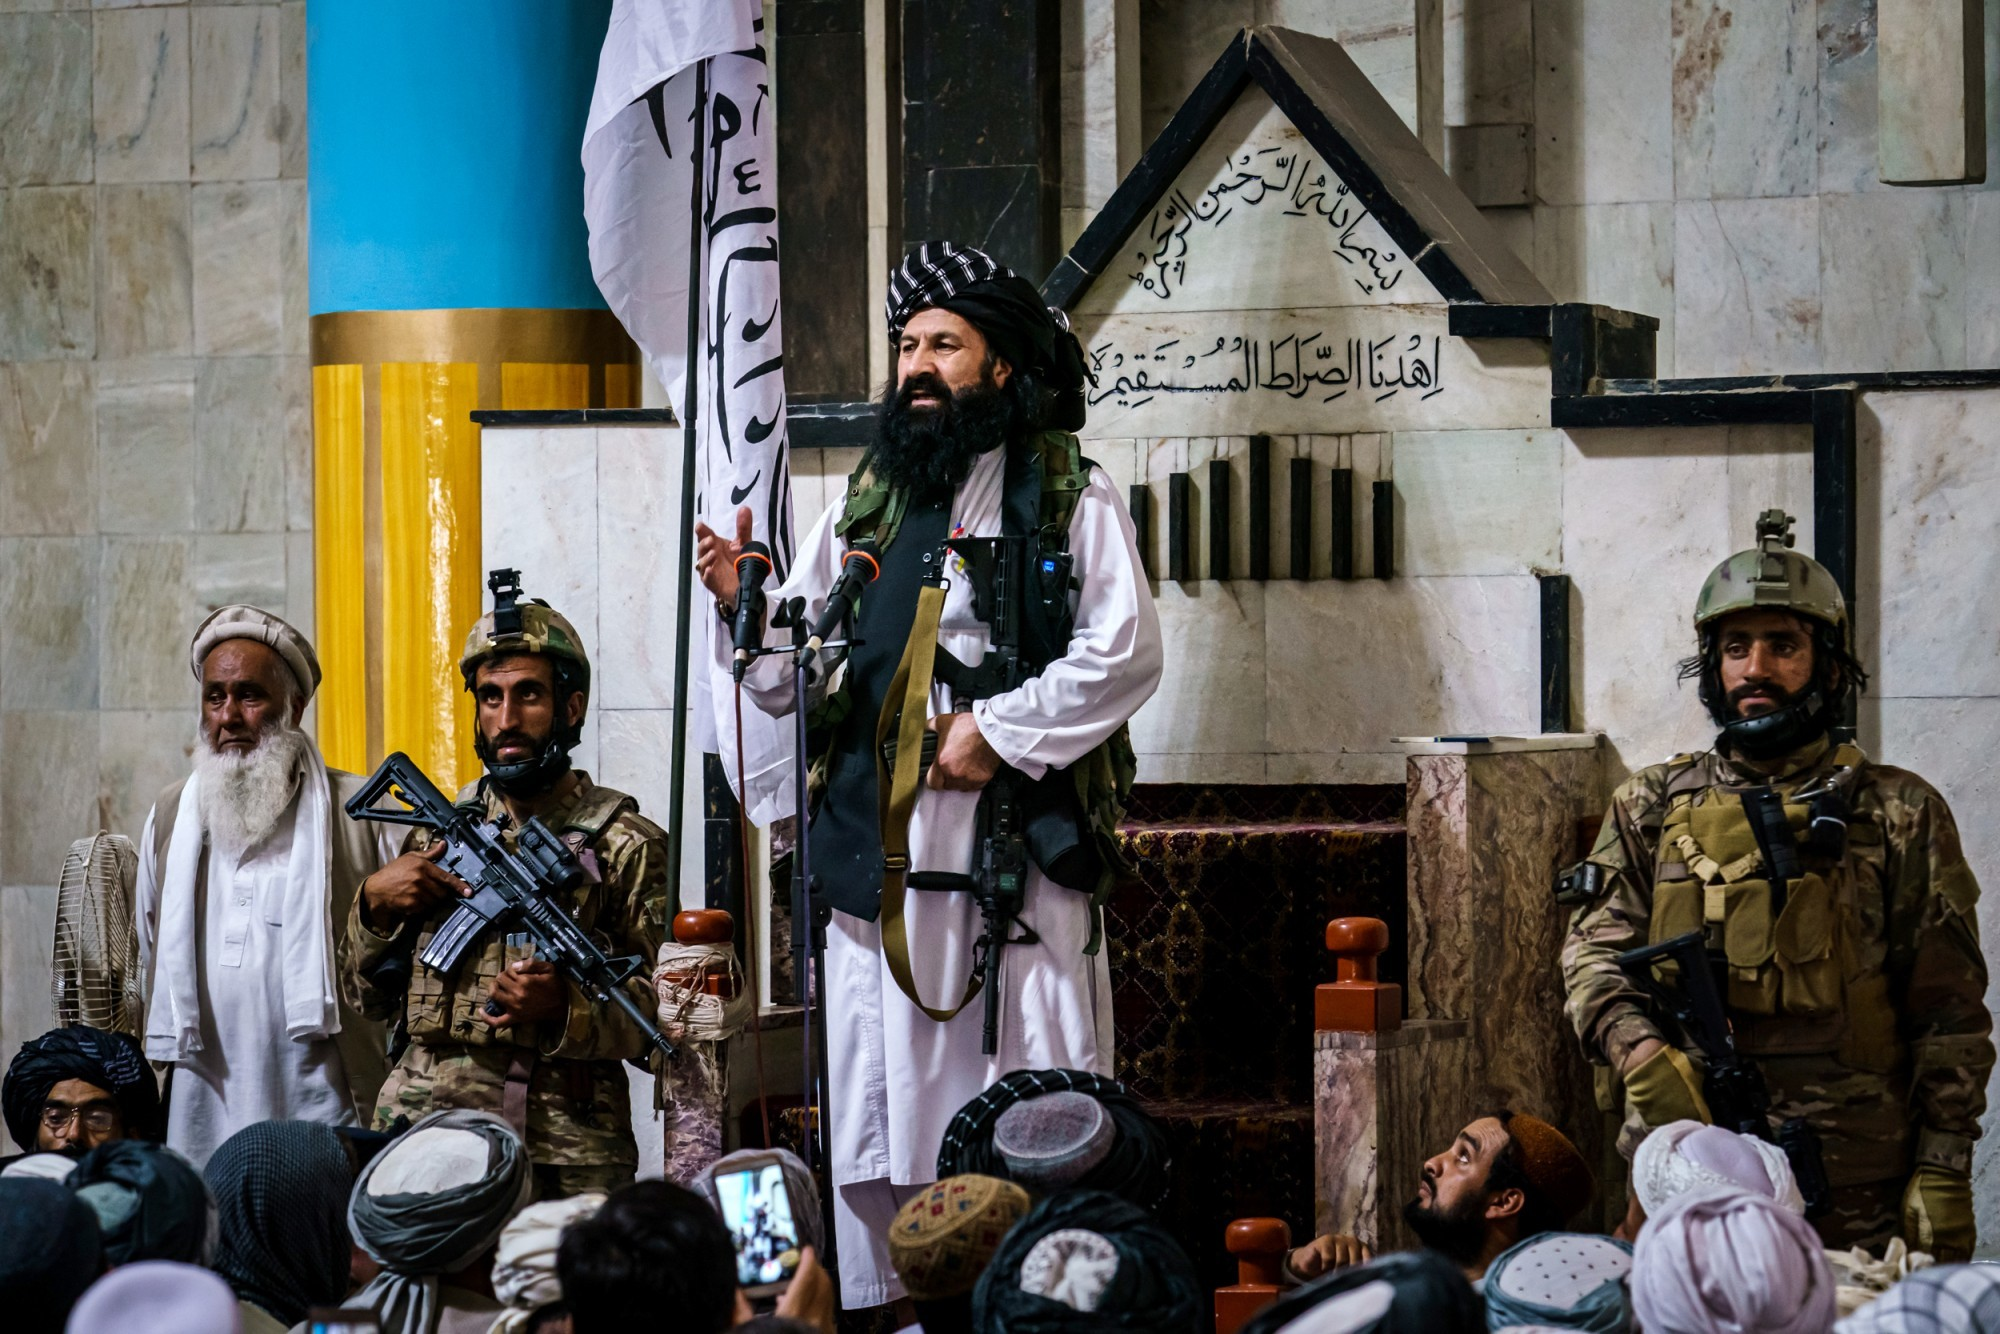 Thủ lĩnh Taliban bị Mỹ truy nã có mặt trong Hội đồng lãnh đạo Afghanistan